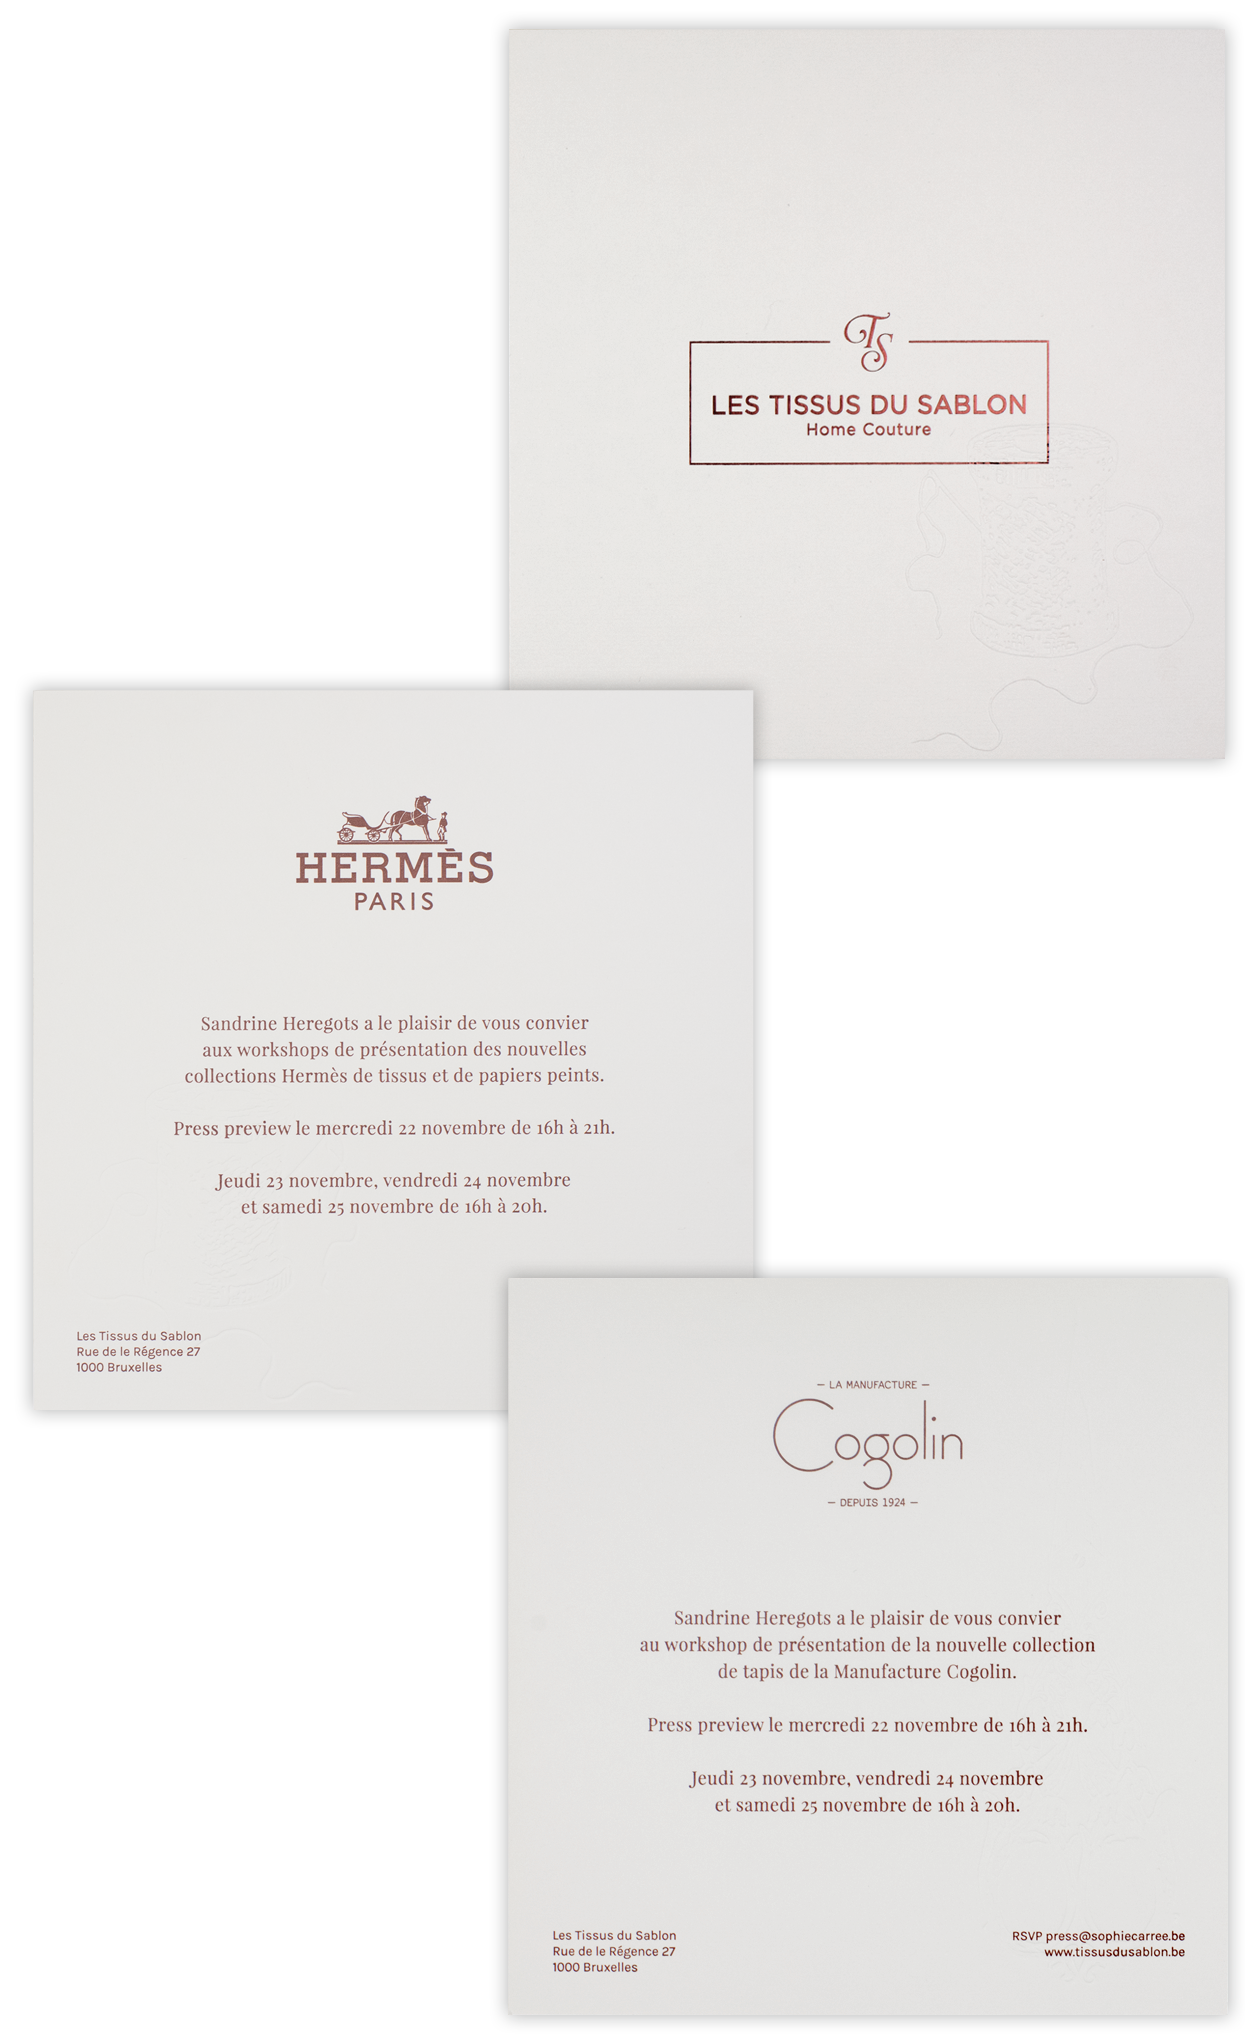 Hermès - Tissus du Sablon - Paper